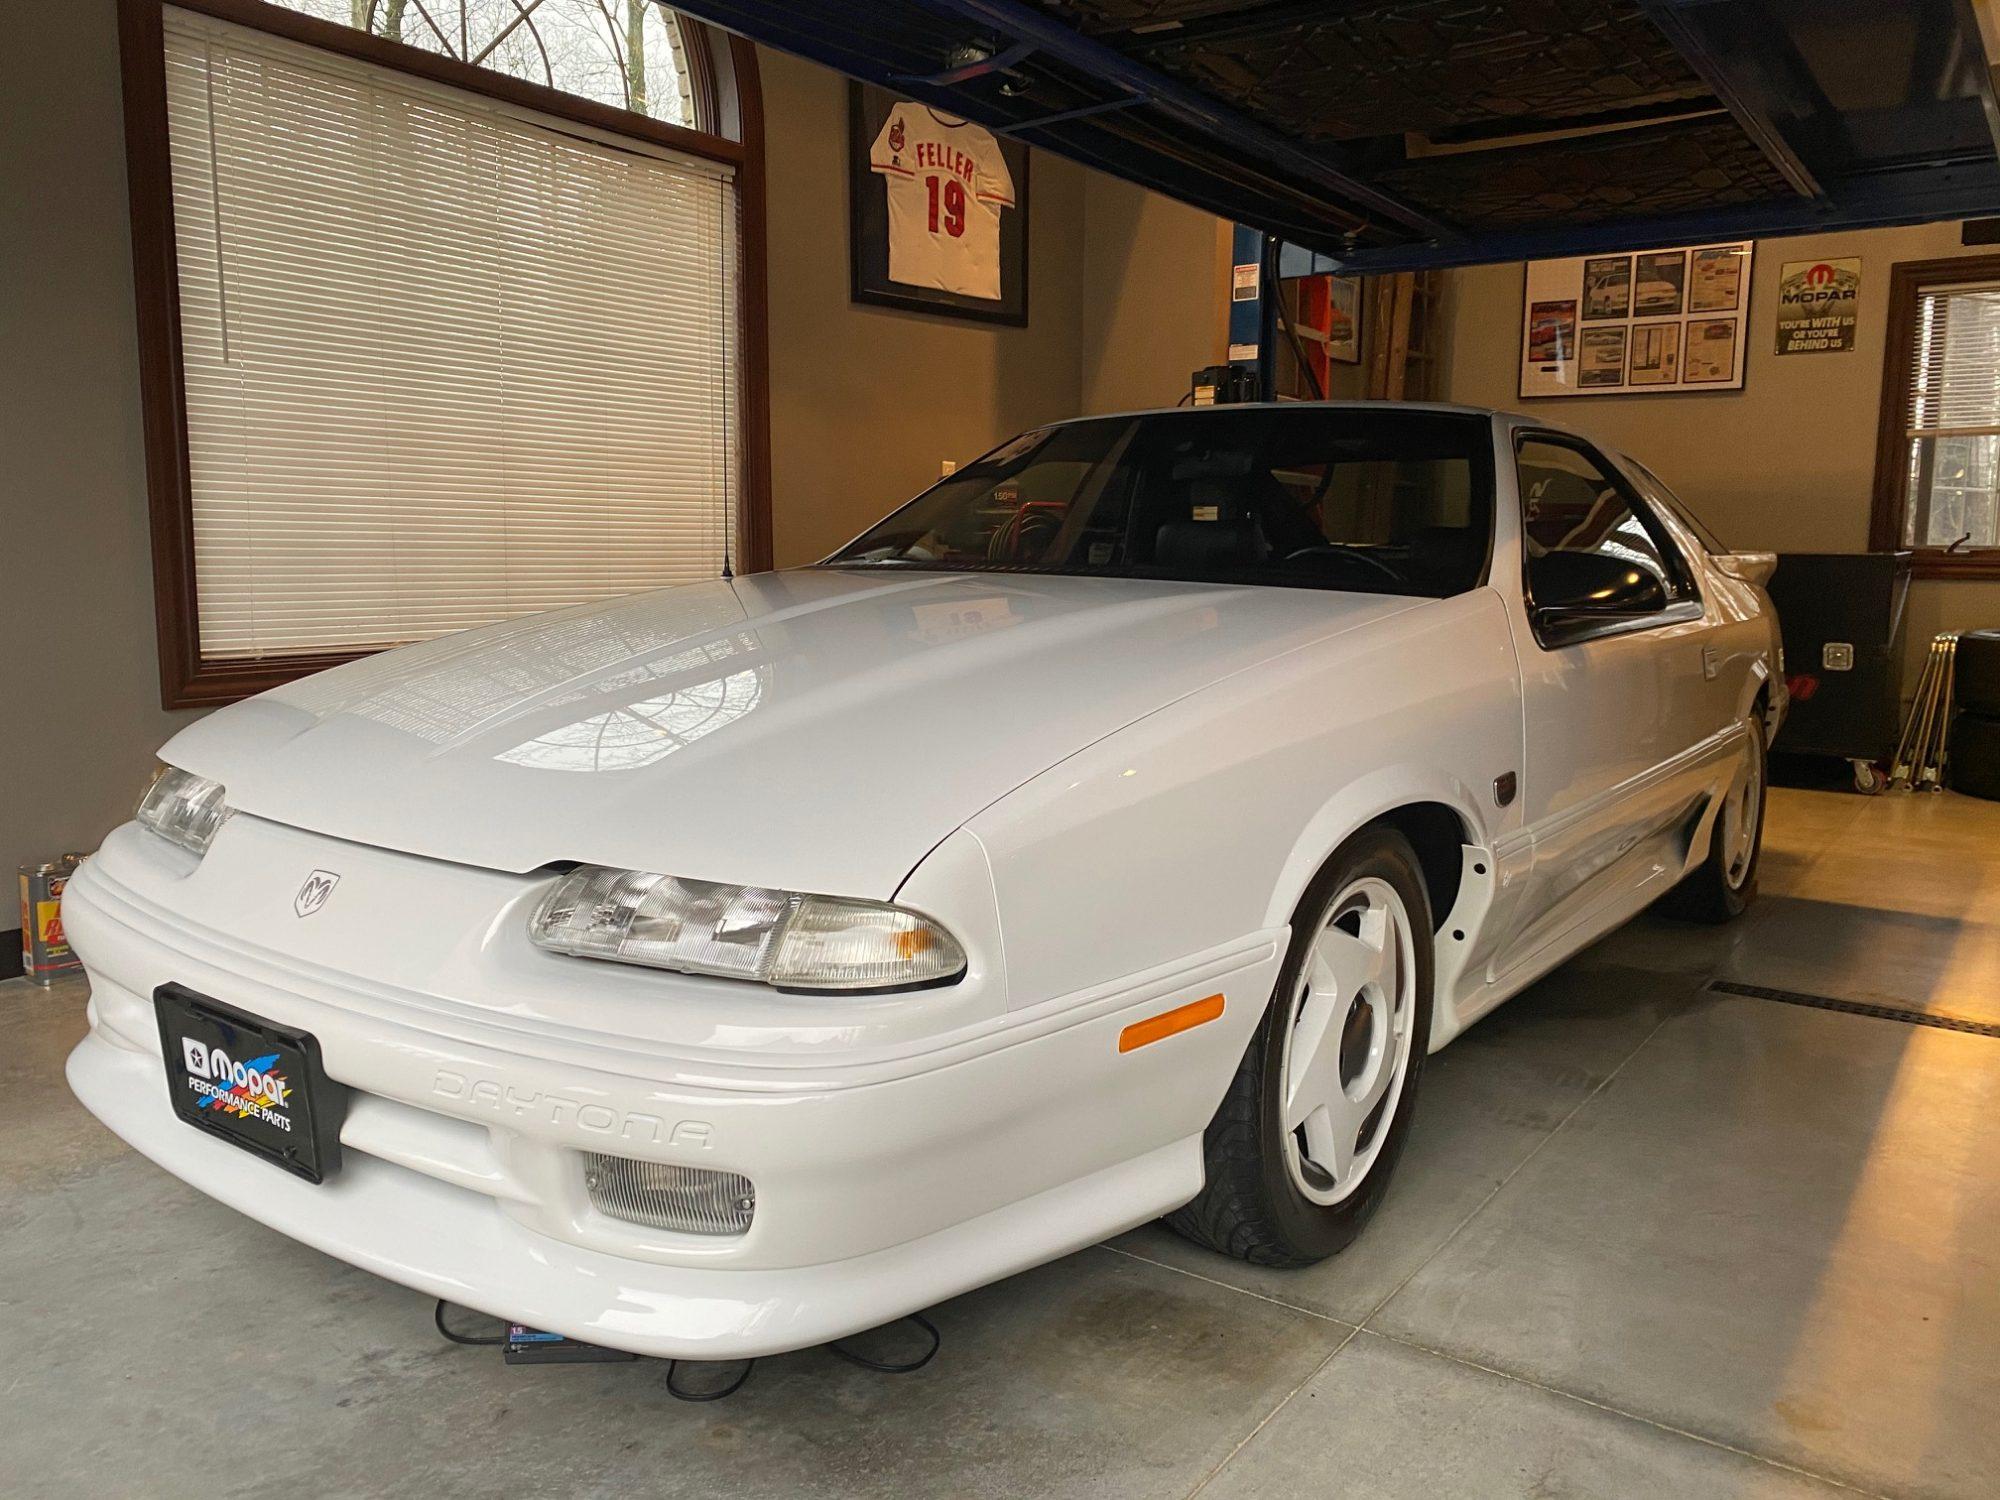 Beautiful white 1992 Dodge Daytona IROC R/T